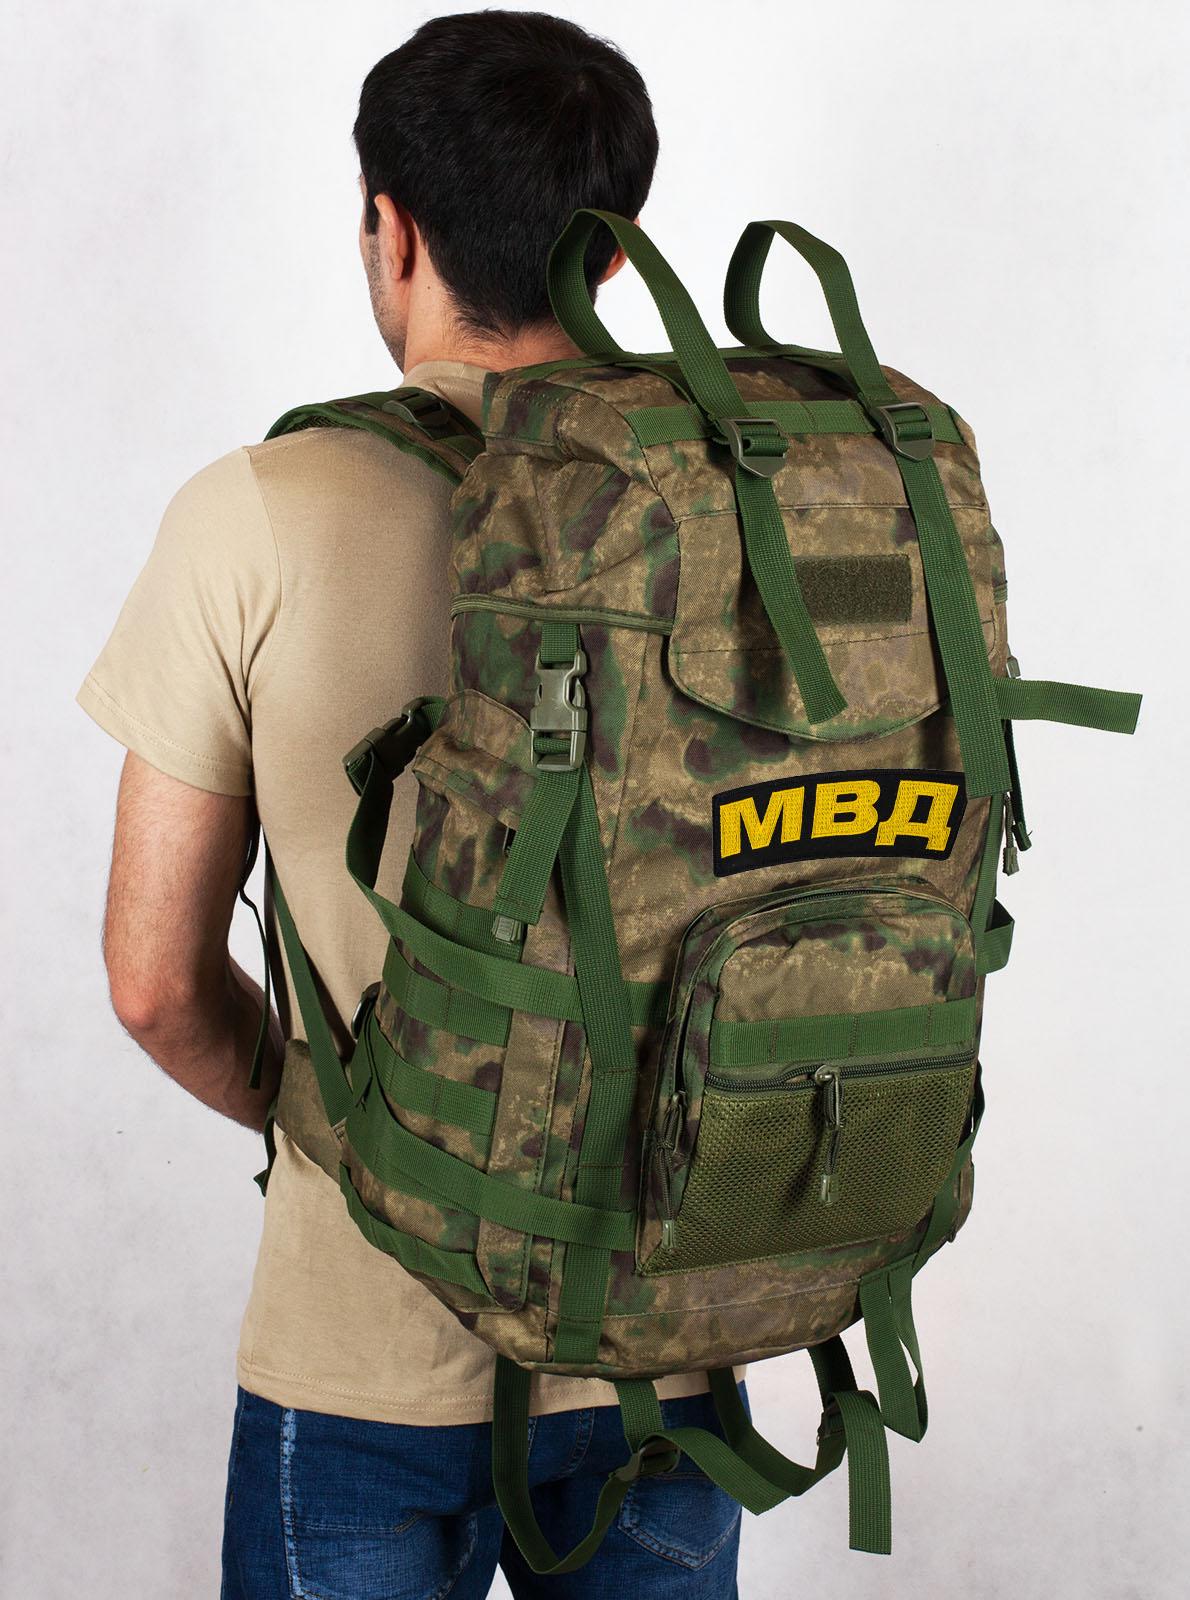 Армейский заплечный рюкзак MultiCam A-TACS FG МВД - купить онлайн